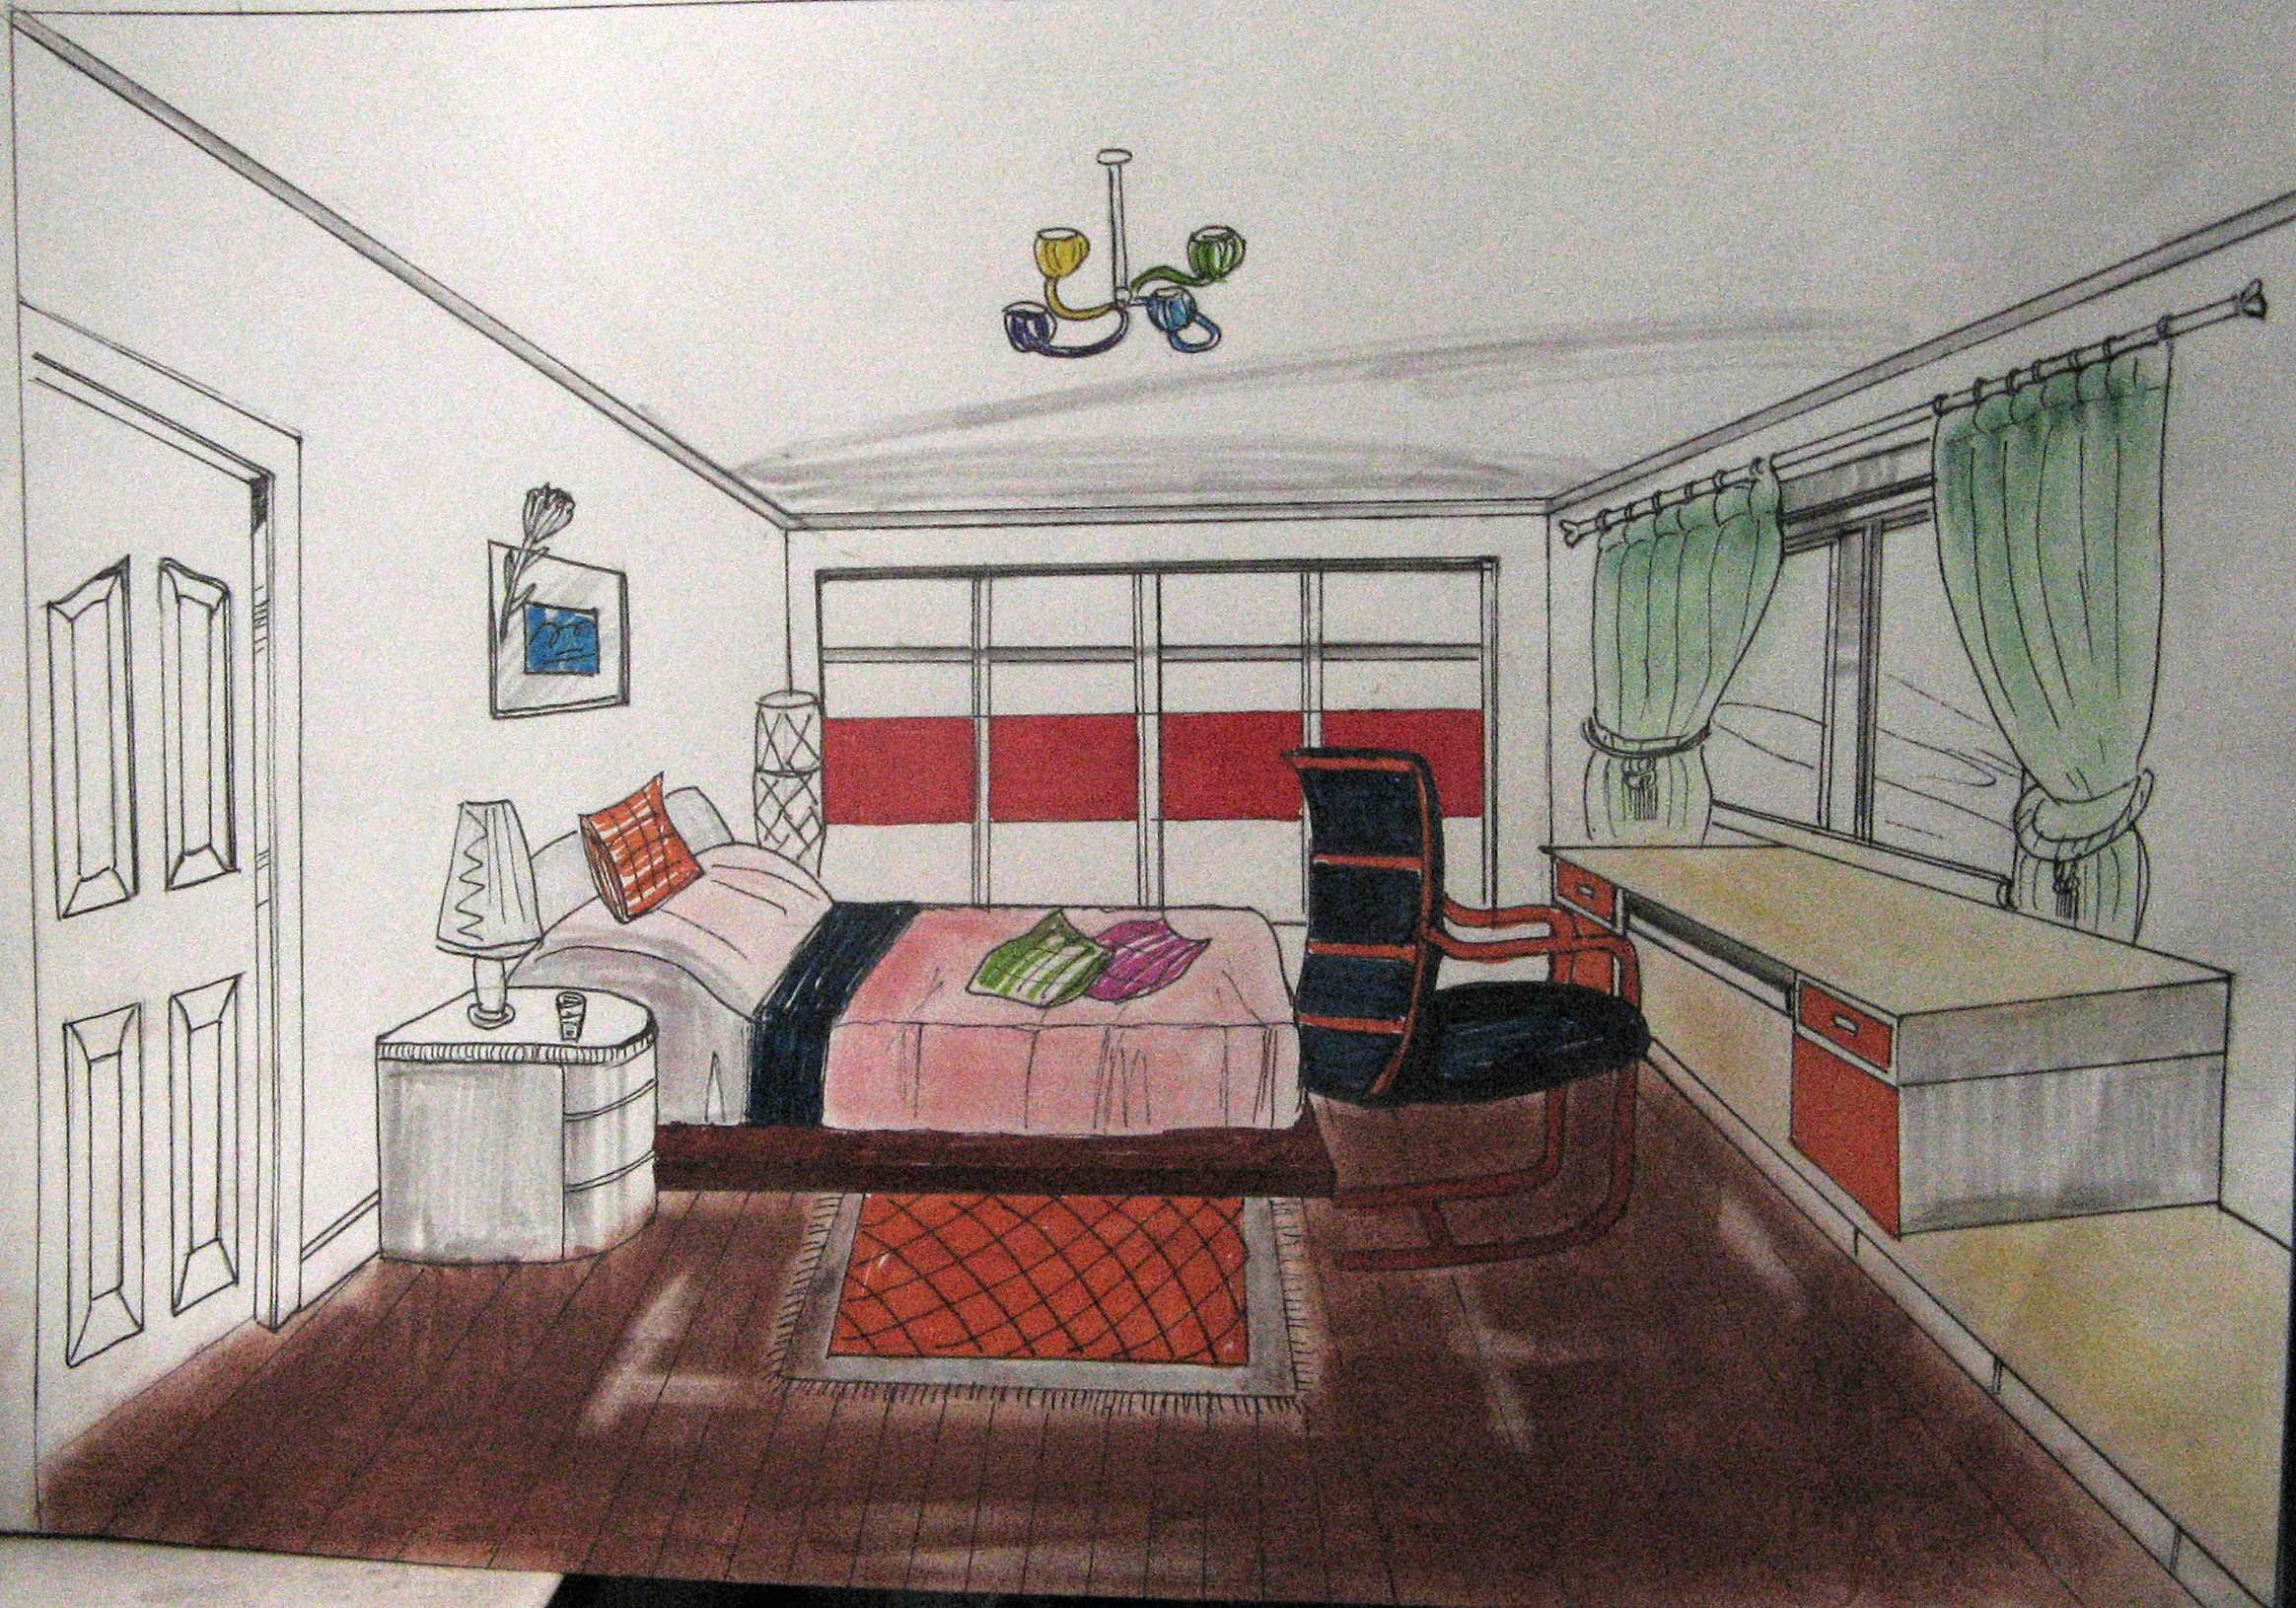 我画的 手绘室内效果图~~~~~ 【已奖励】